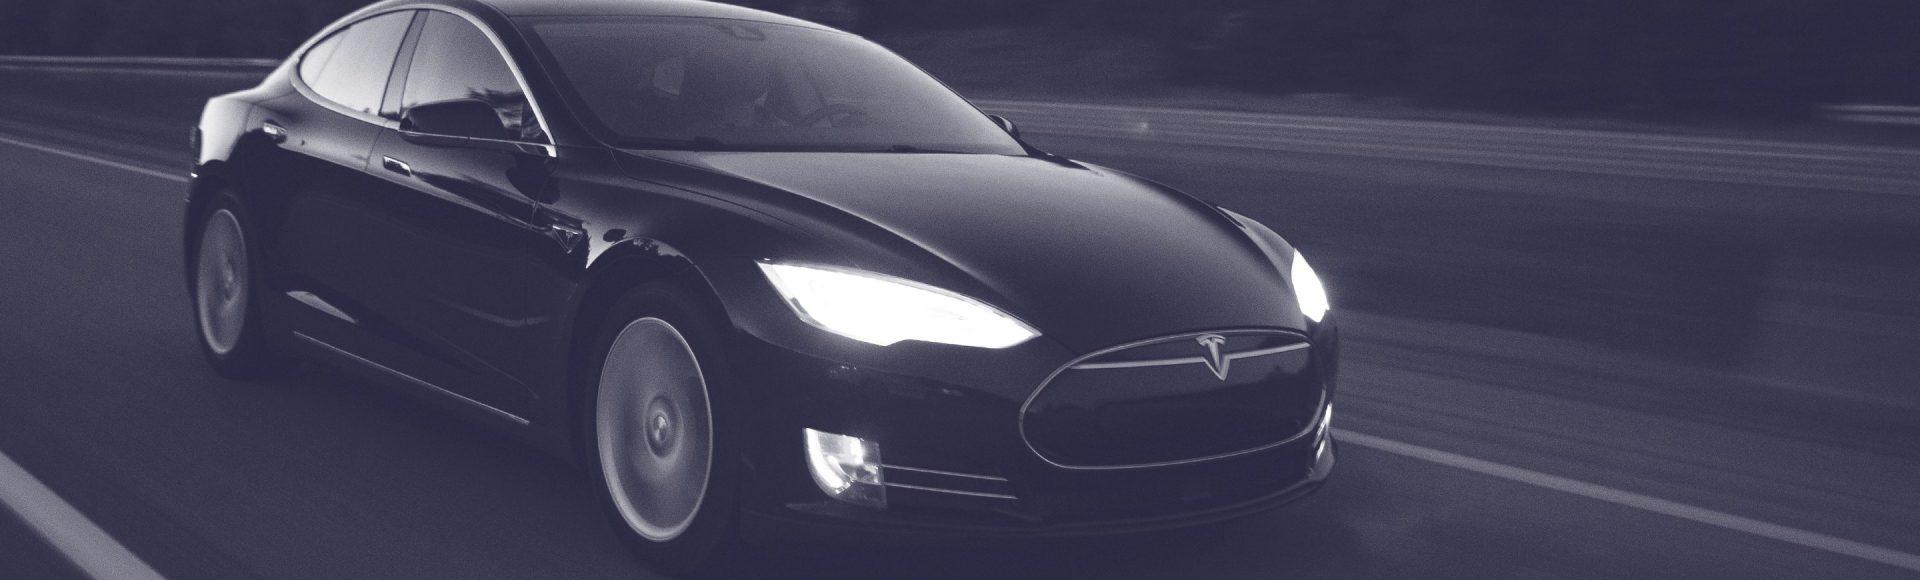 ARK-Invest_Blog-Banner_2014_09_18---EV-Market-Tesla